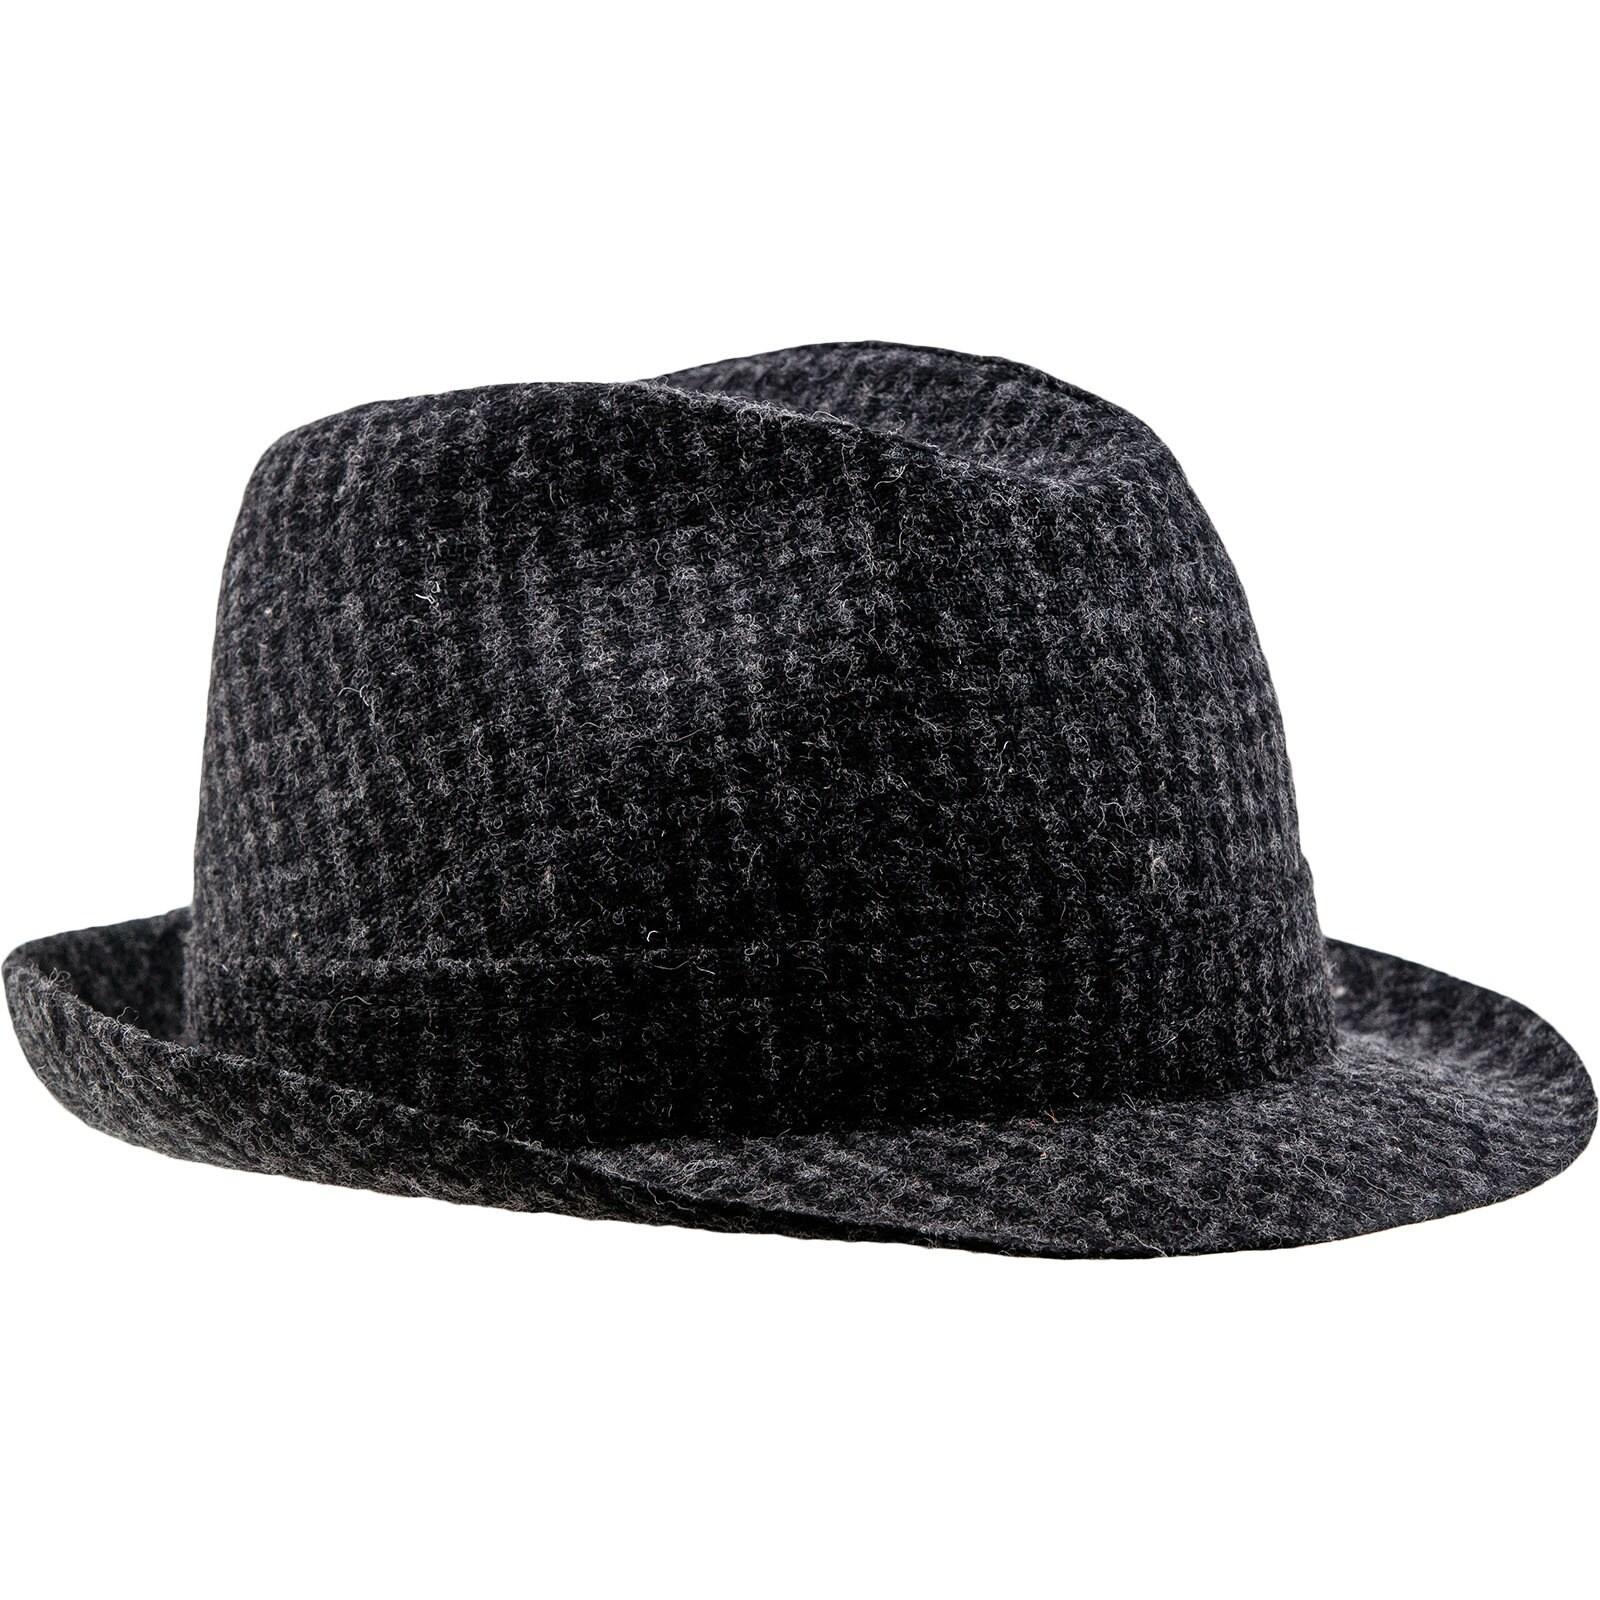 01de673c00f ELWOOD Sewn Short Brim Trilby Hat made of Wool Cloth black